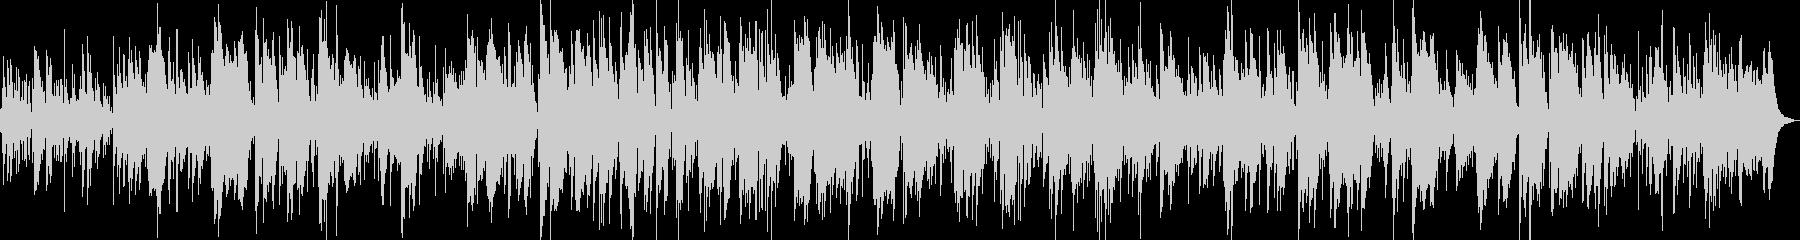 ムーディーな大人バイオリンボサノバジャズの未再生の波形